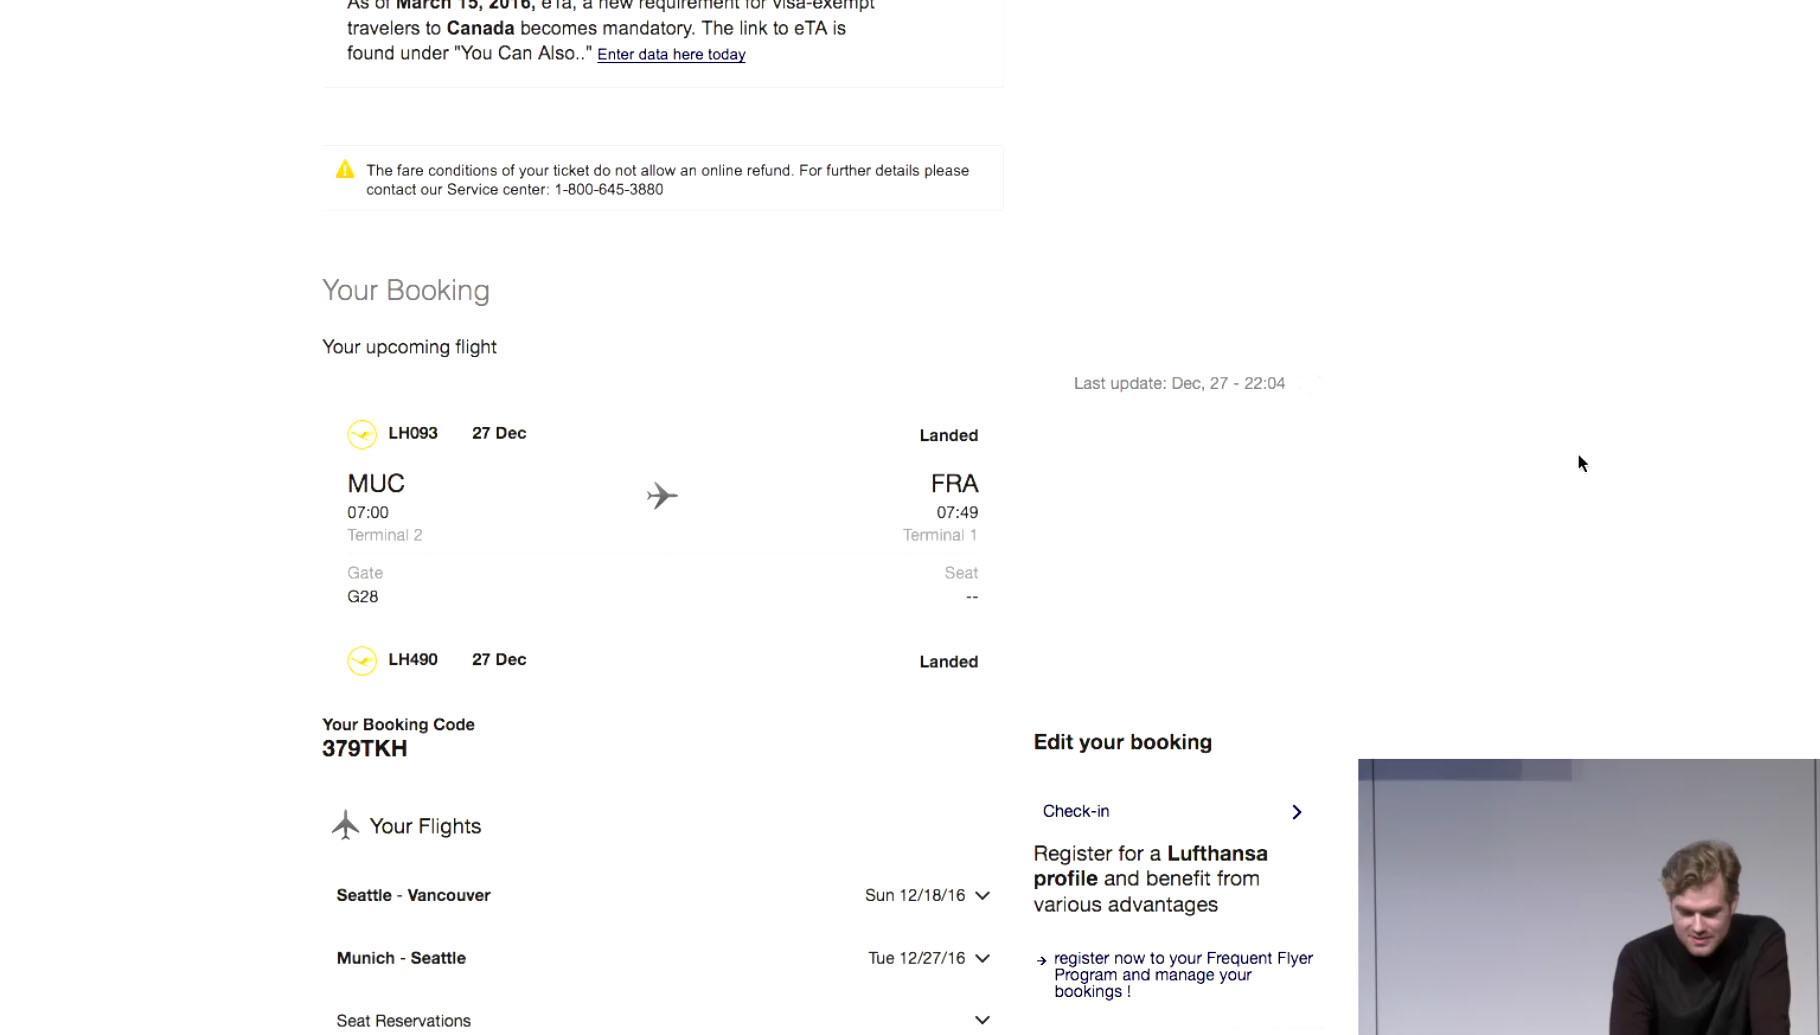 Ein Instagram-Foto, das den BOarding-Pass zeigt, reicht unter Umständen, um einen Flug umzubuchen.